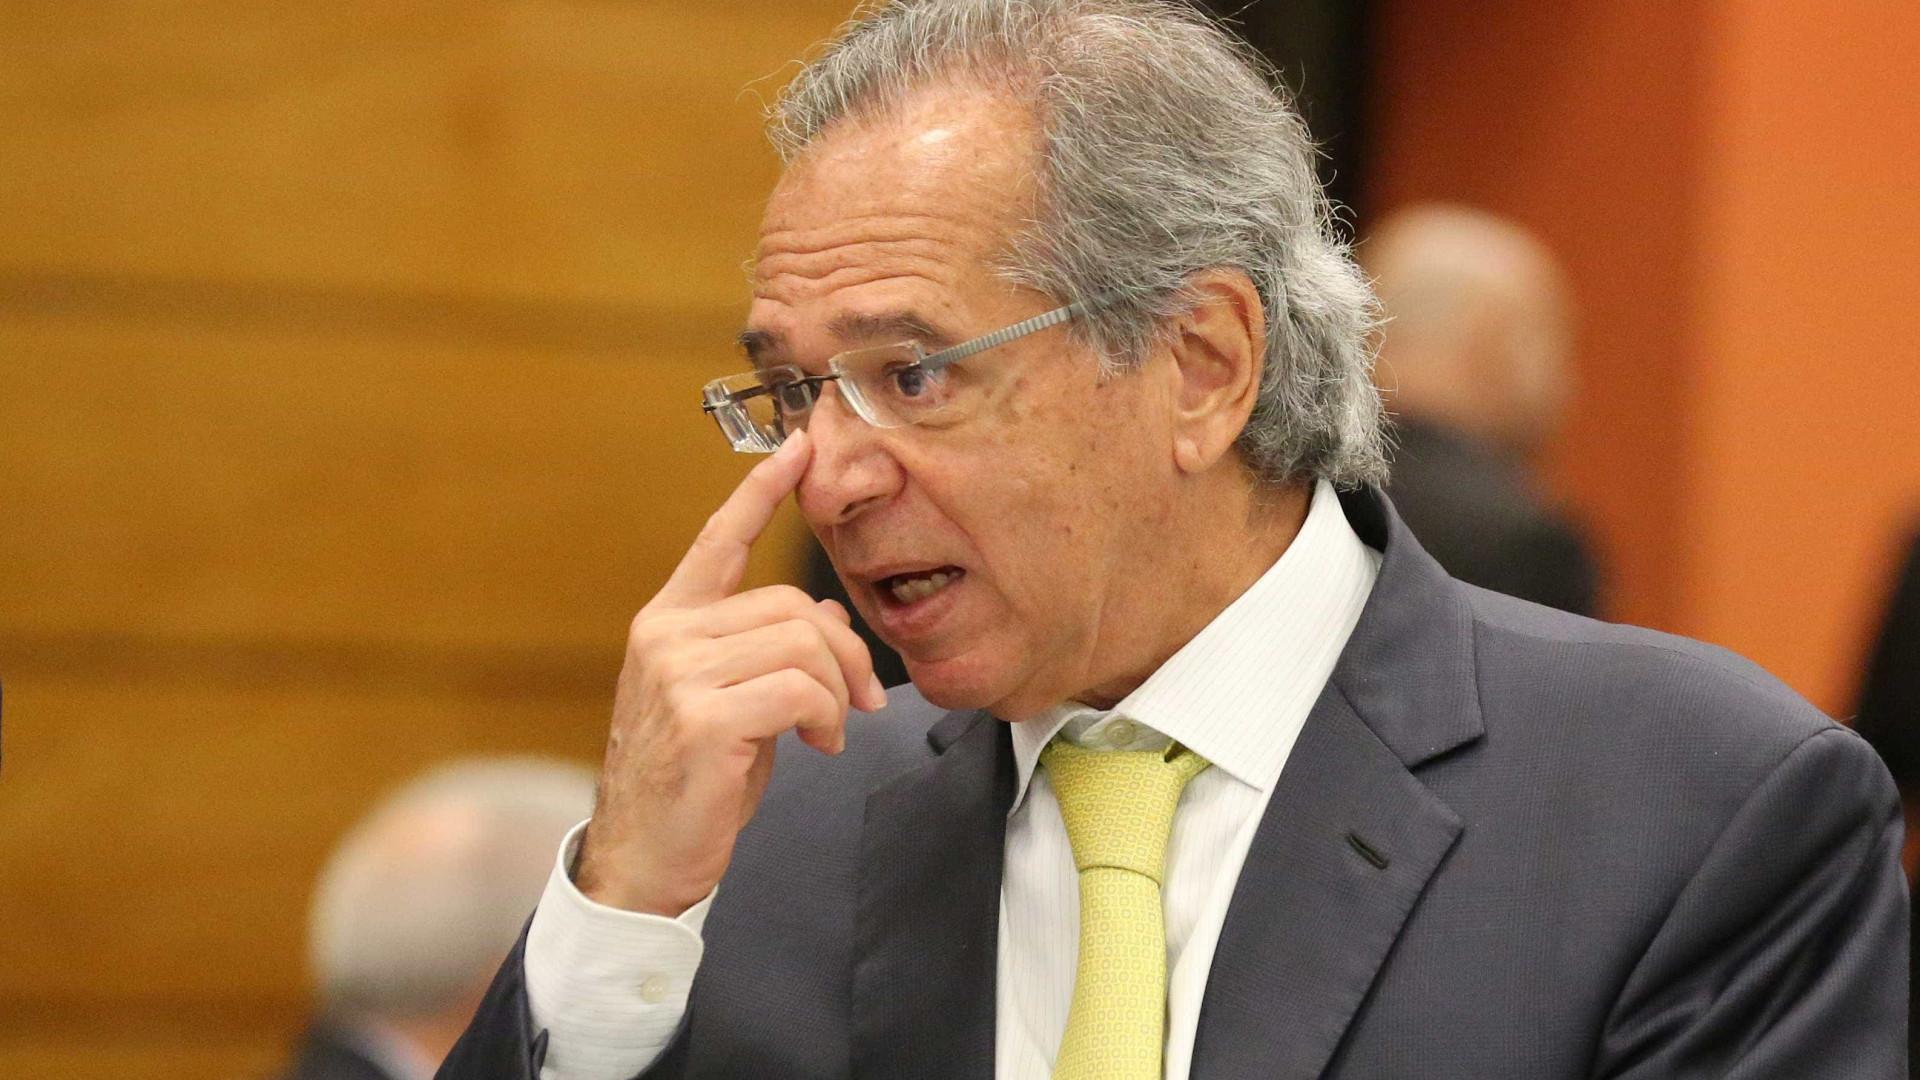 Guru econômico de Bolsonaro, Guedes cancela compromissos em série